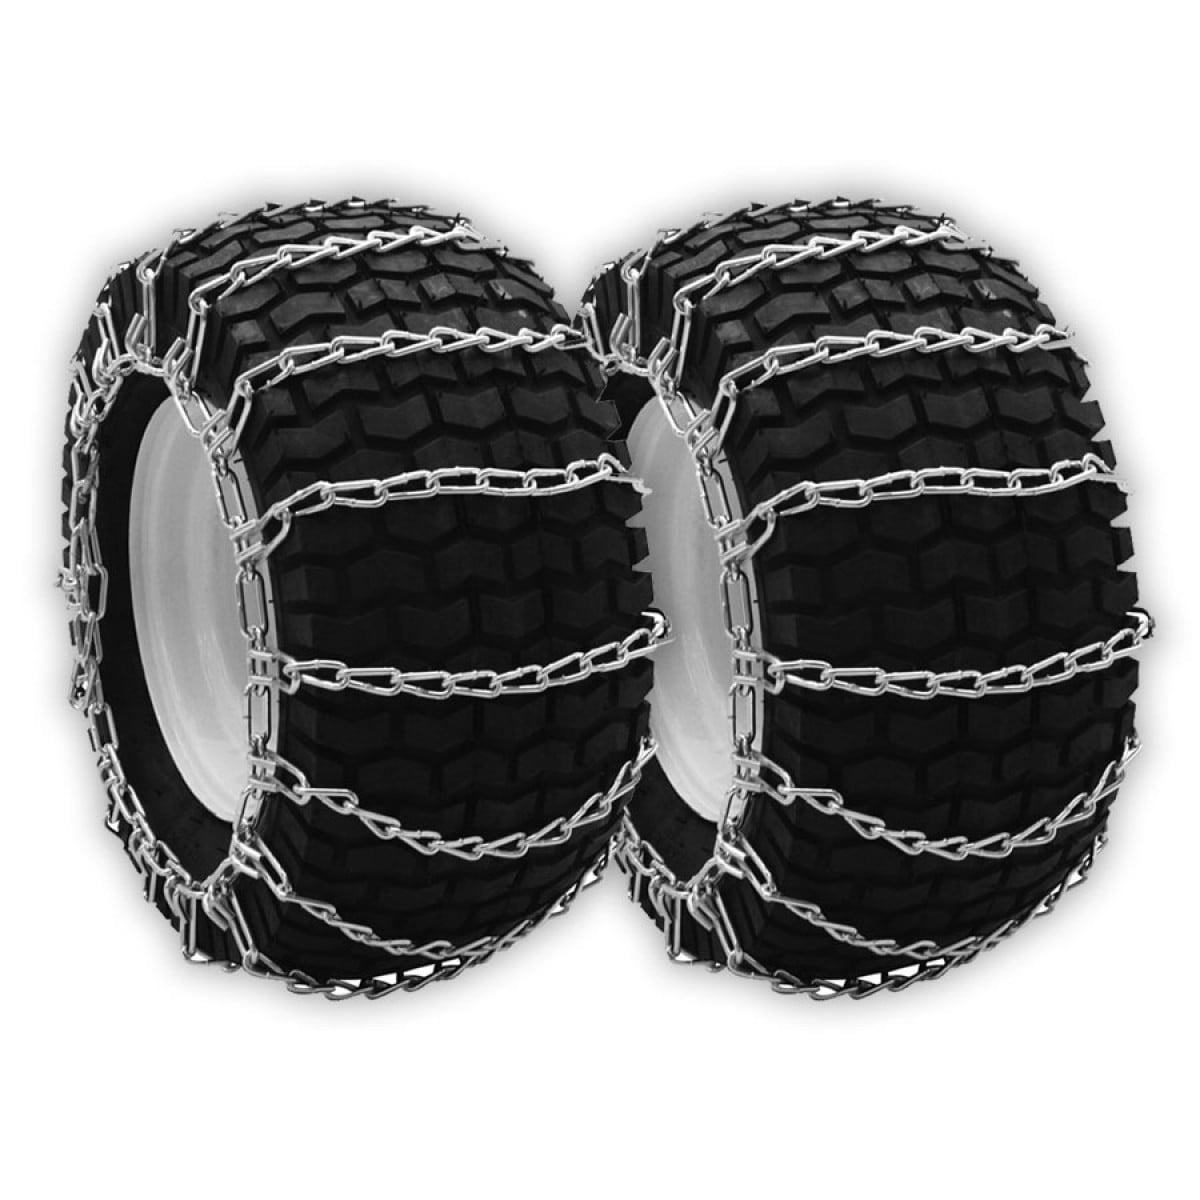 Tire Chain Fits Tire size 16x5.50x8, 16x6.50x8, 5.00x5.70x8